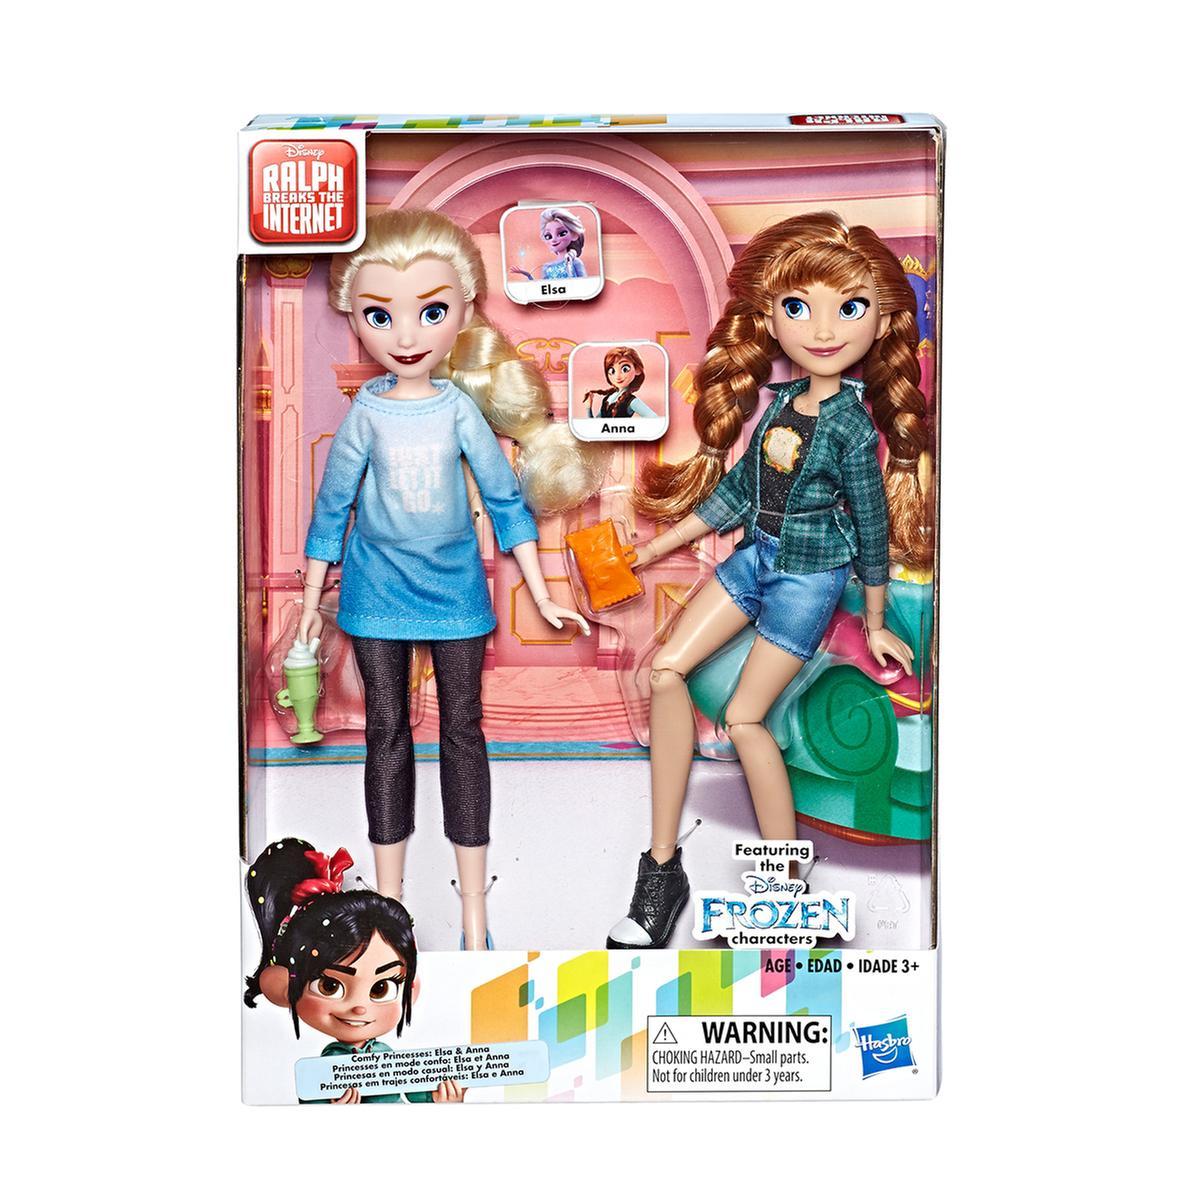 Frozen Elsa Y Anna Princesas En Modo Casual Hasbro Tienda De Juguetes Y Videojuegos Juguetería Online Toysrus